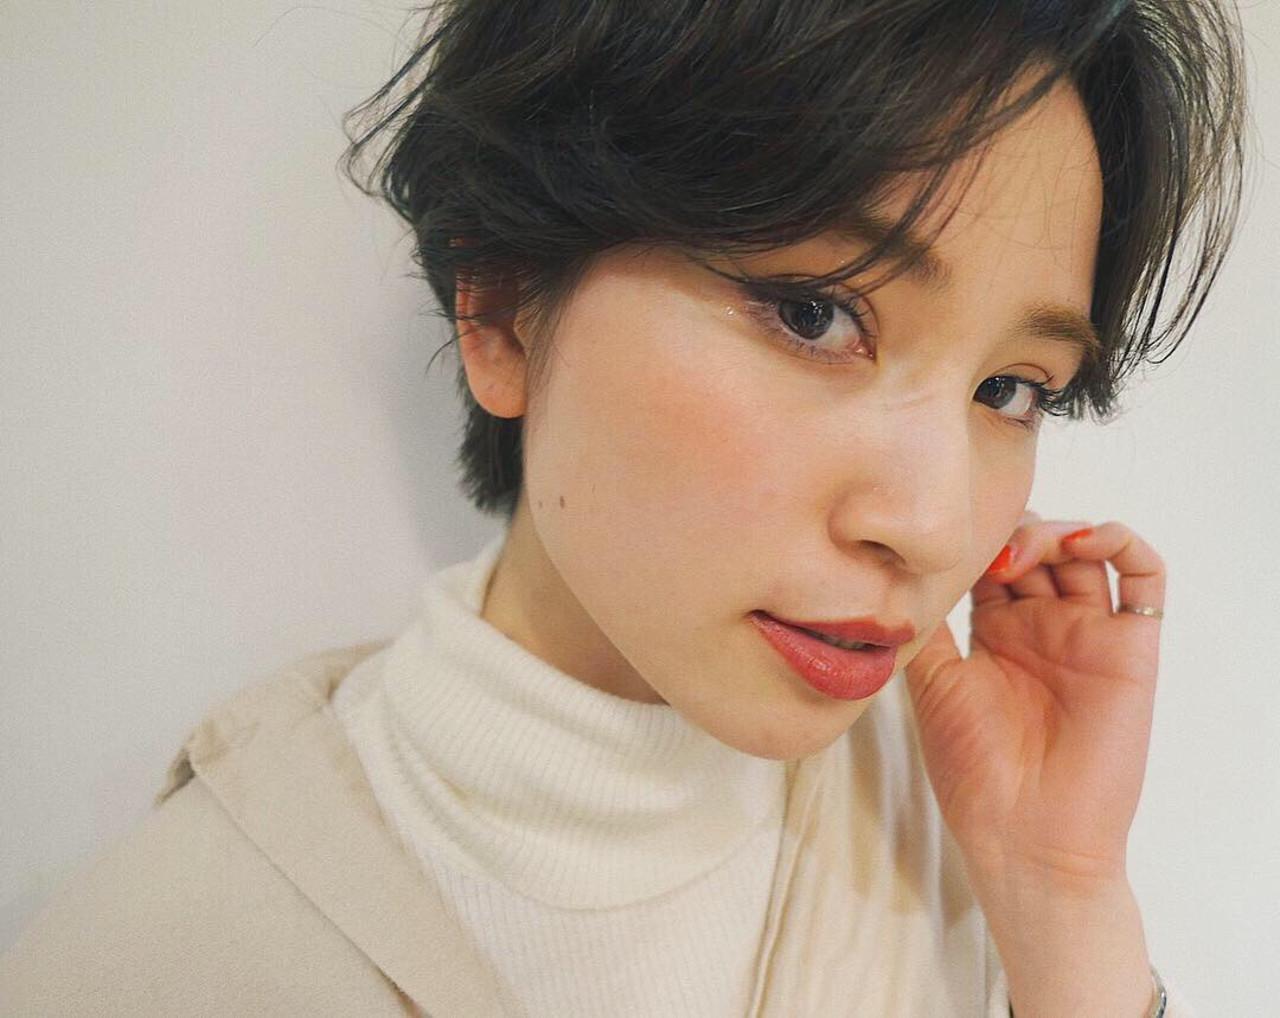 ハンサムショート ナチュラル ショート オフィス ヘアスタイルや髪型の写真・画像 | 菅沼宏恵 /